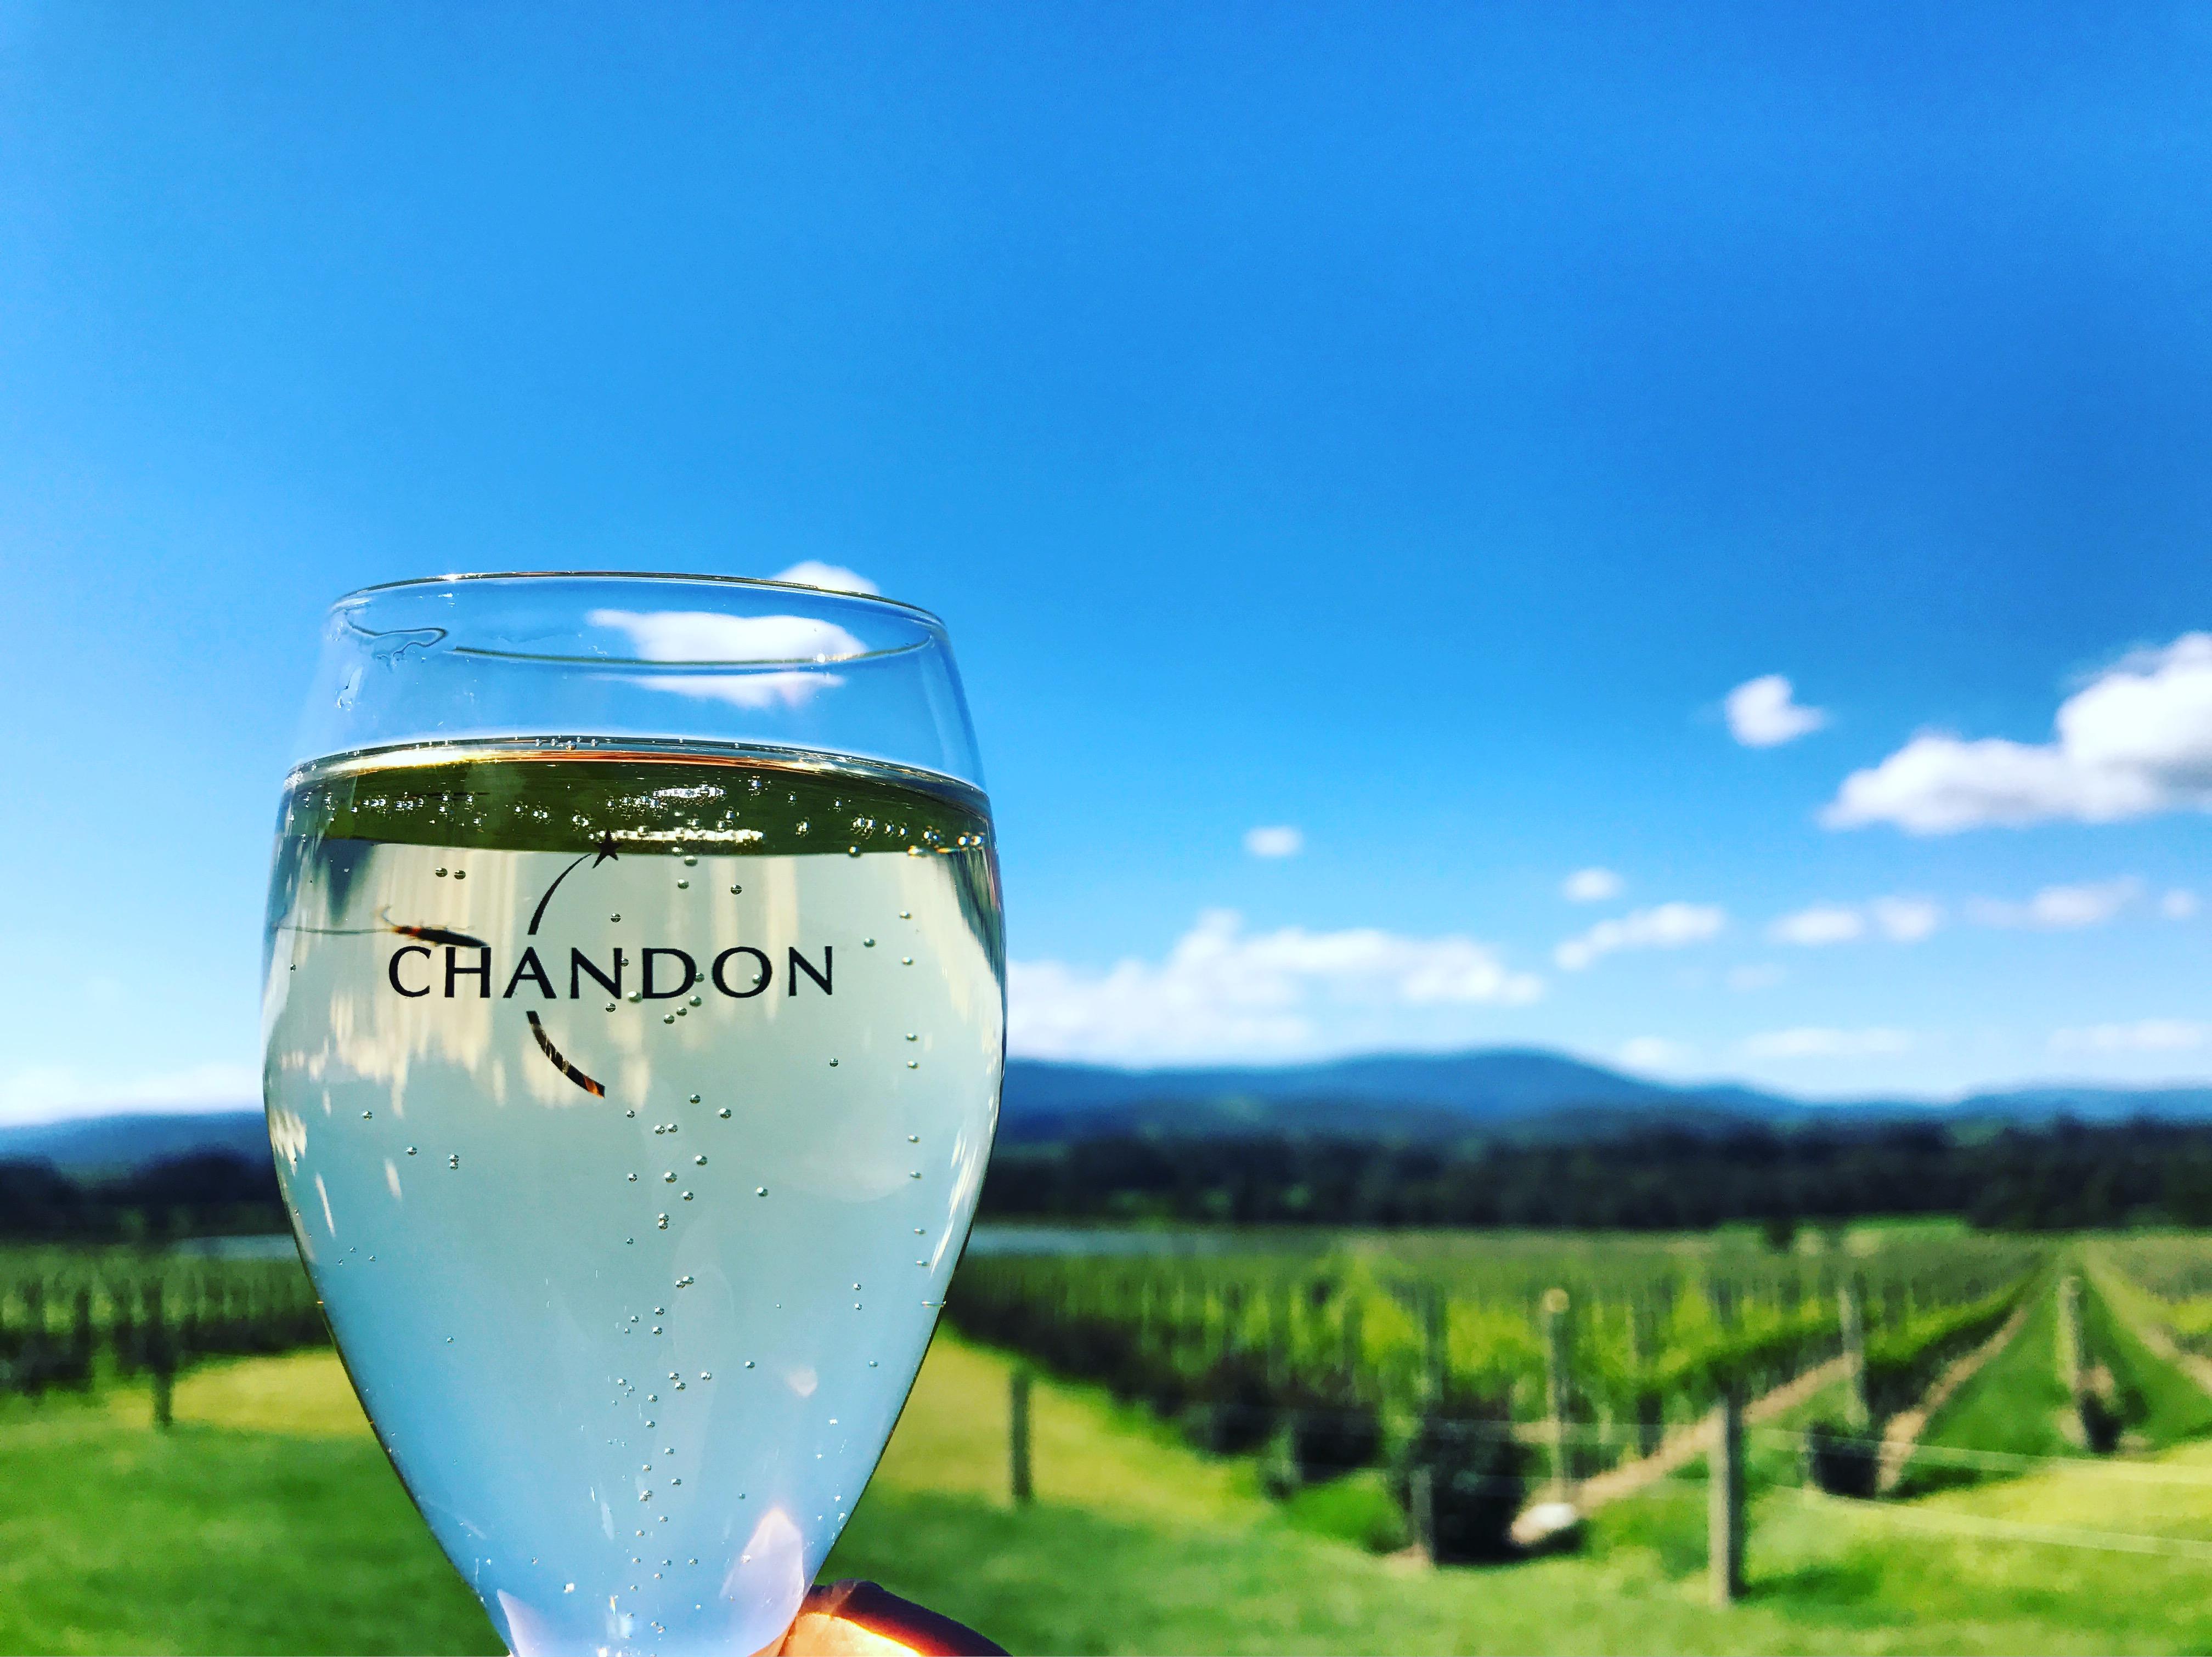 Chandon Winery